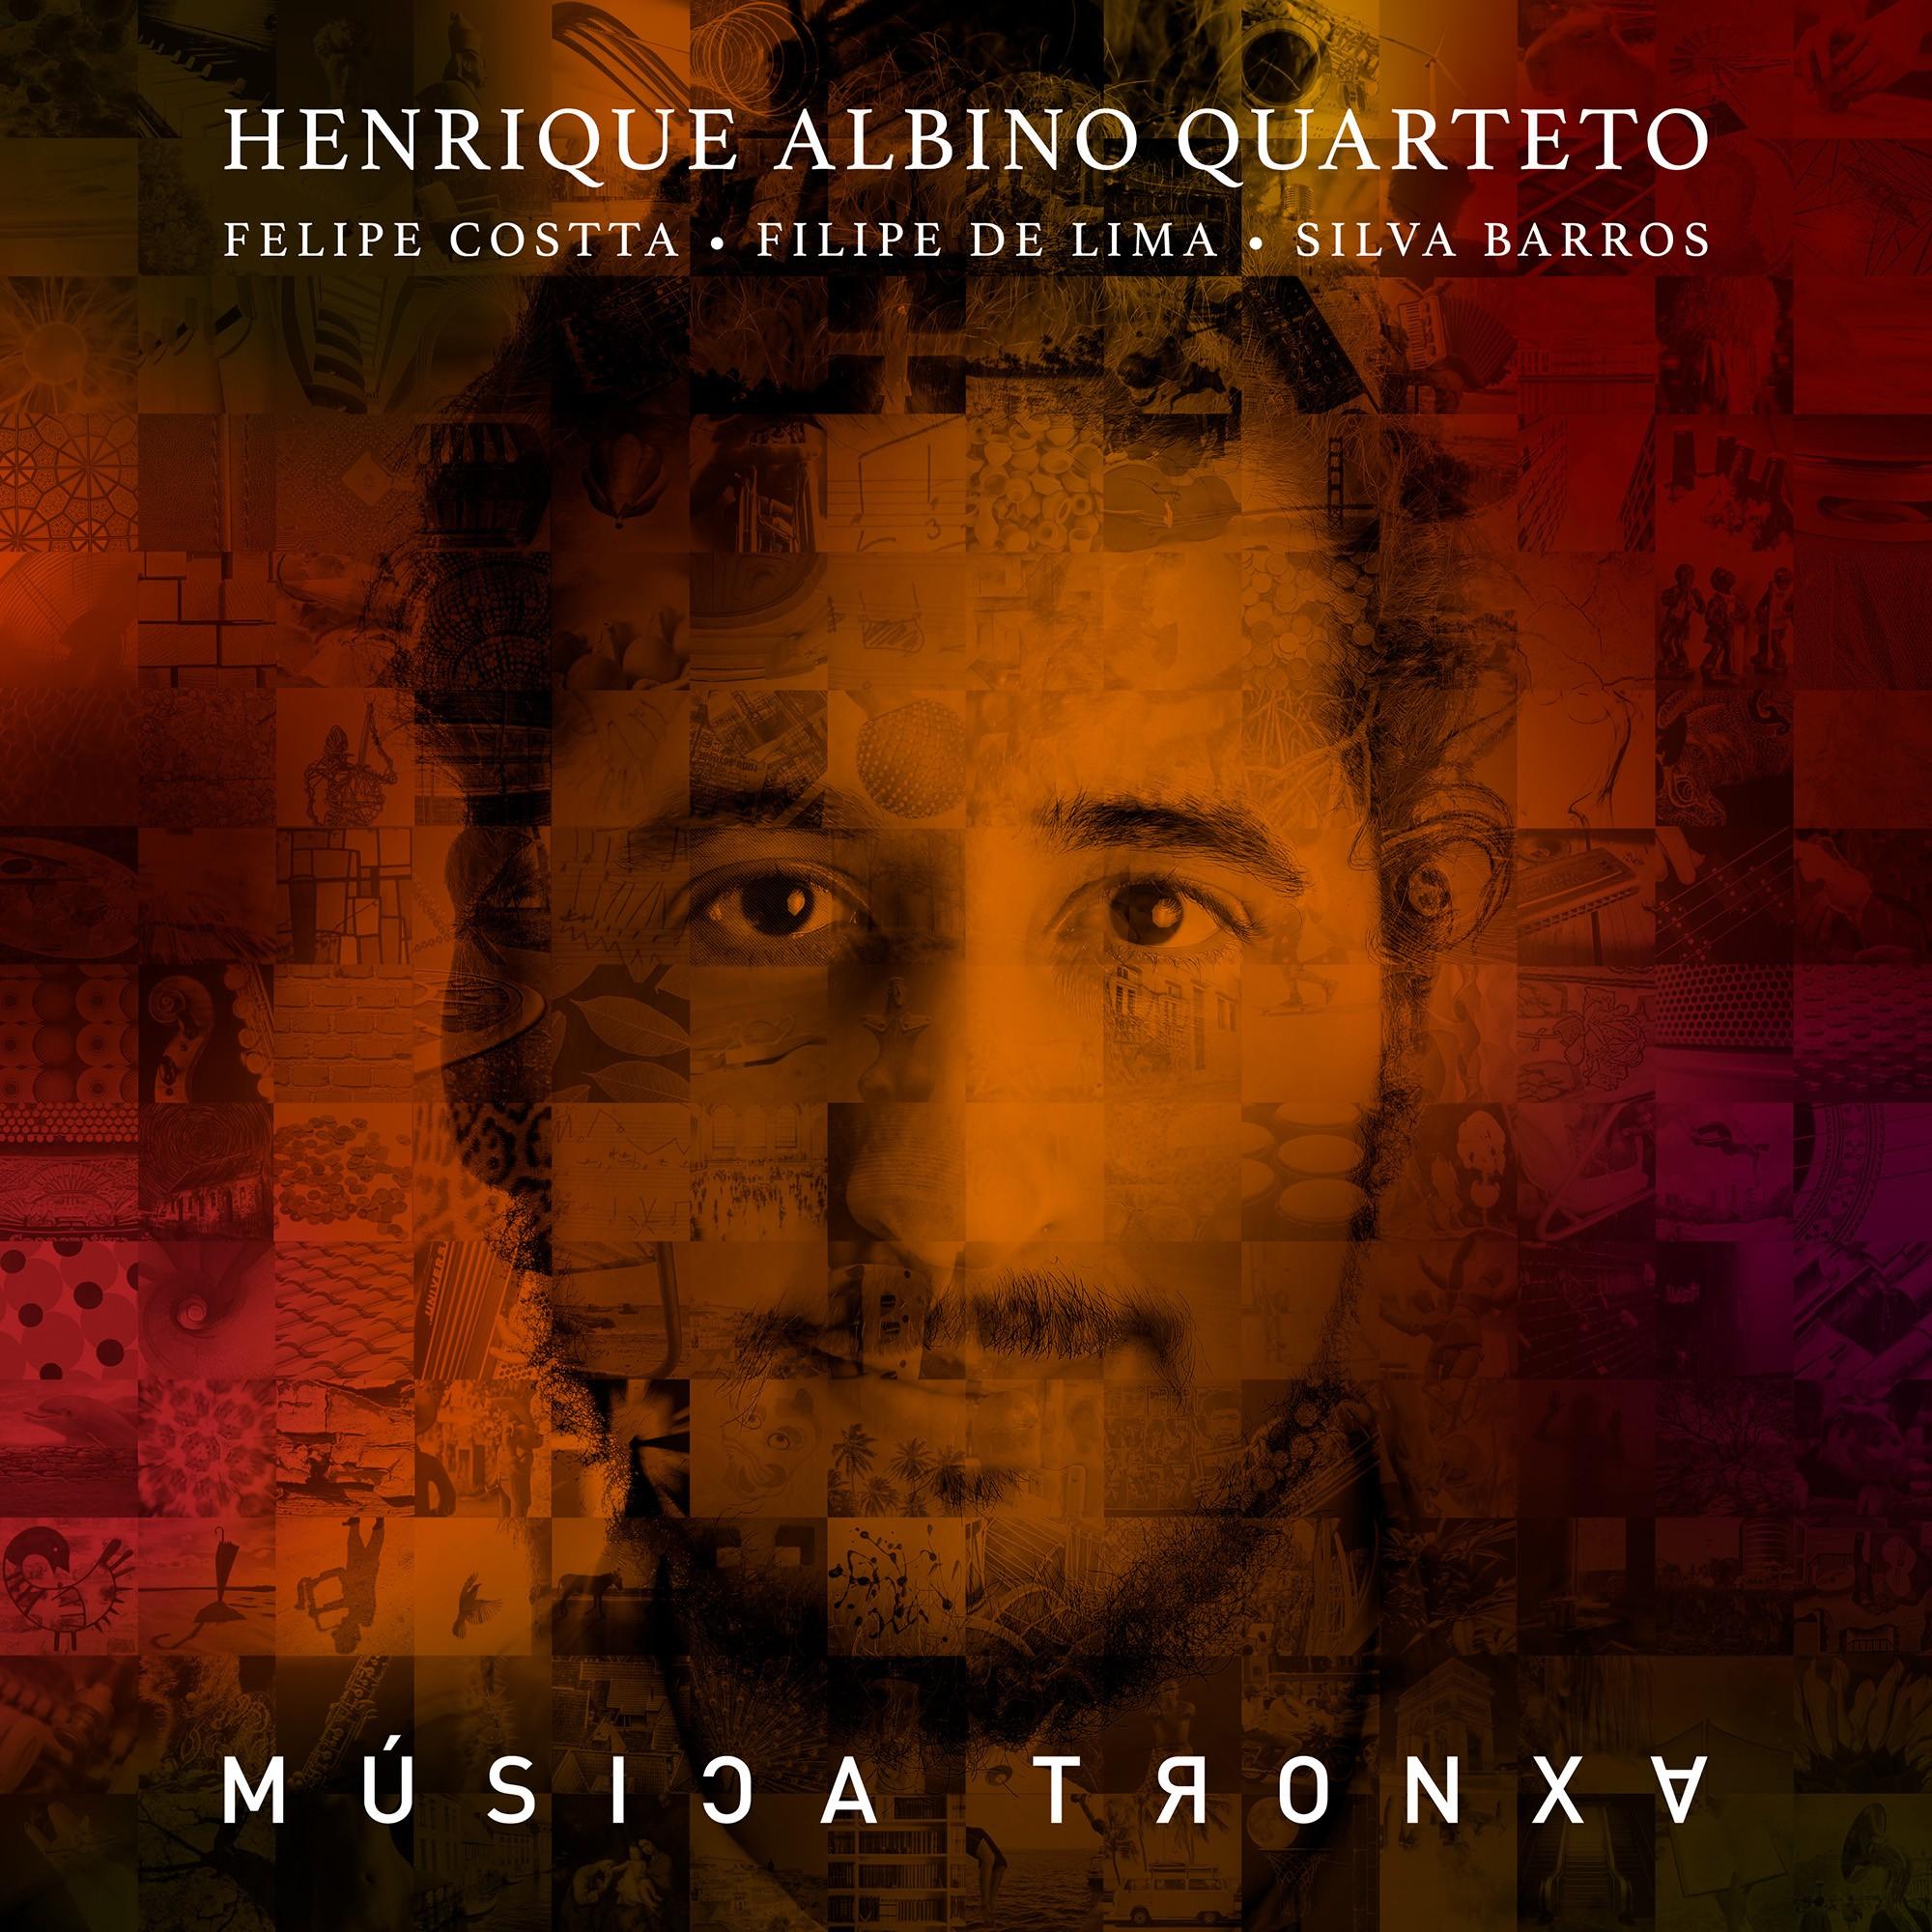 Henrique Albino segue por trilhas tortas em álbum gravado com quarteto do saxofonista